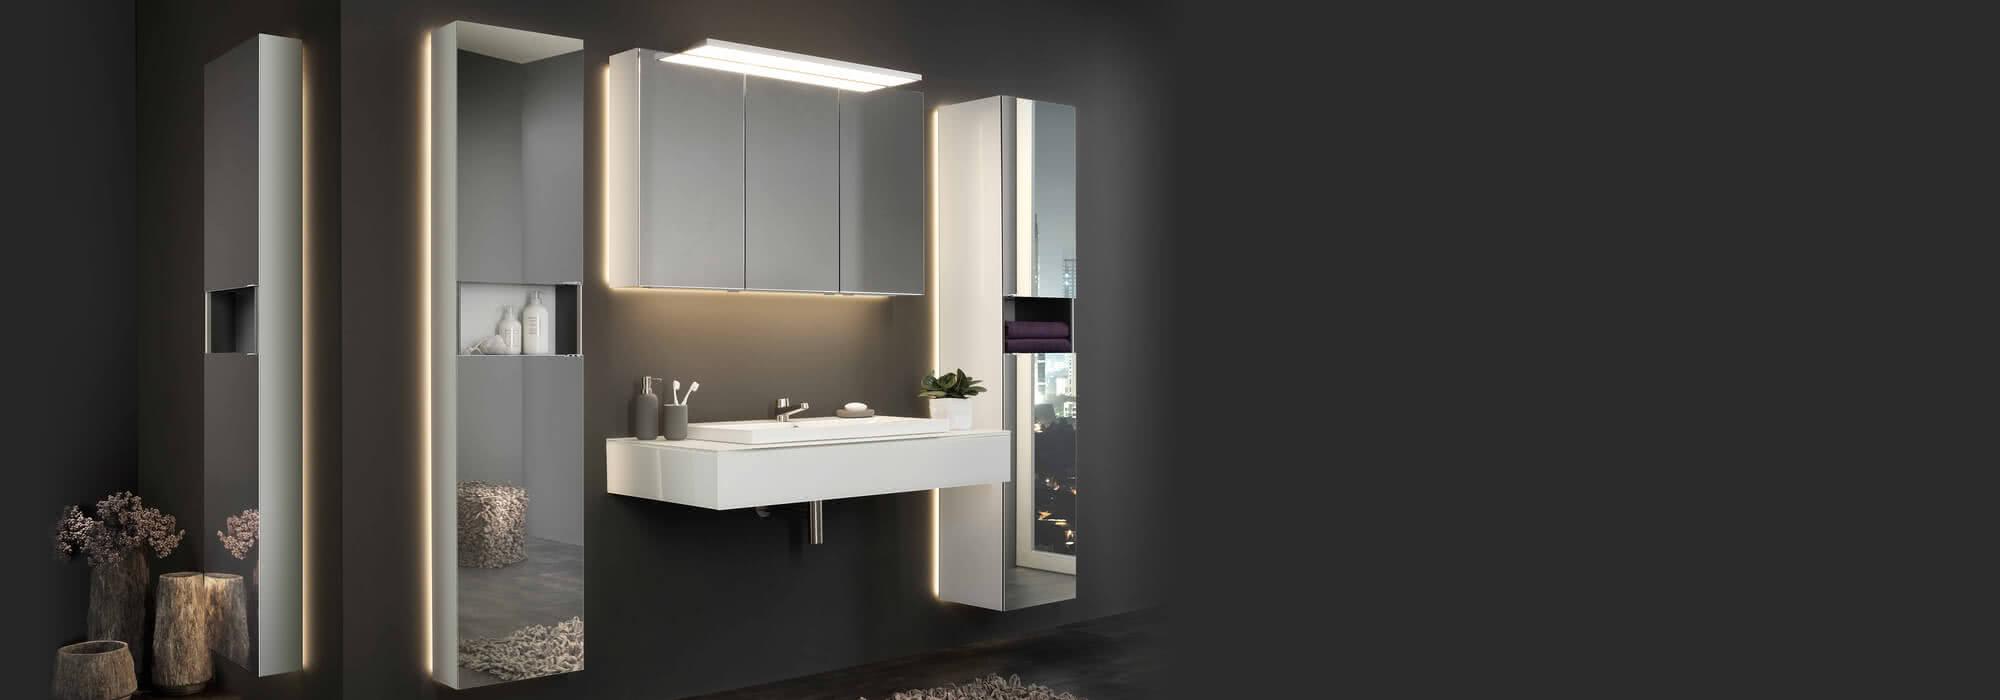 Individuelle Produkte für ihr Bad: Spiegelschränke, verspiegelte Badmöbel